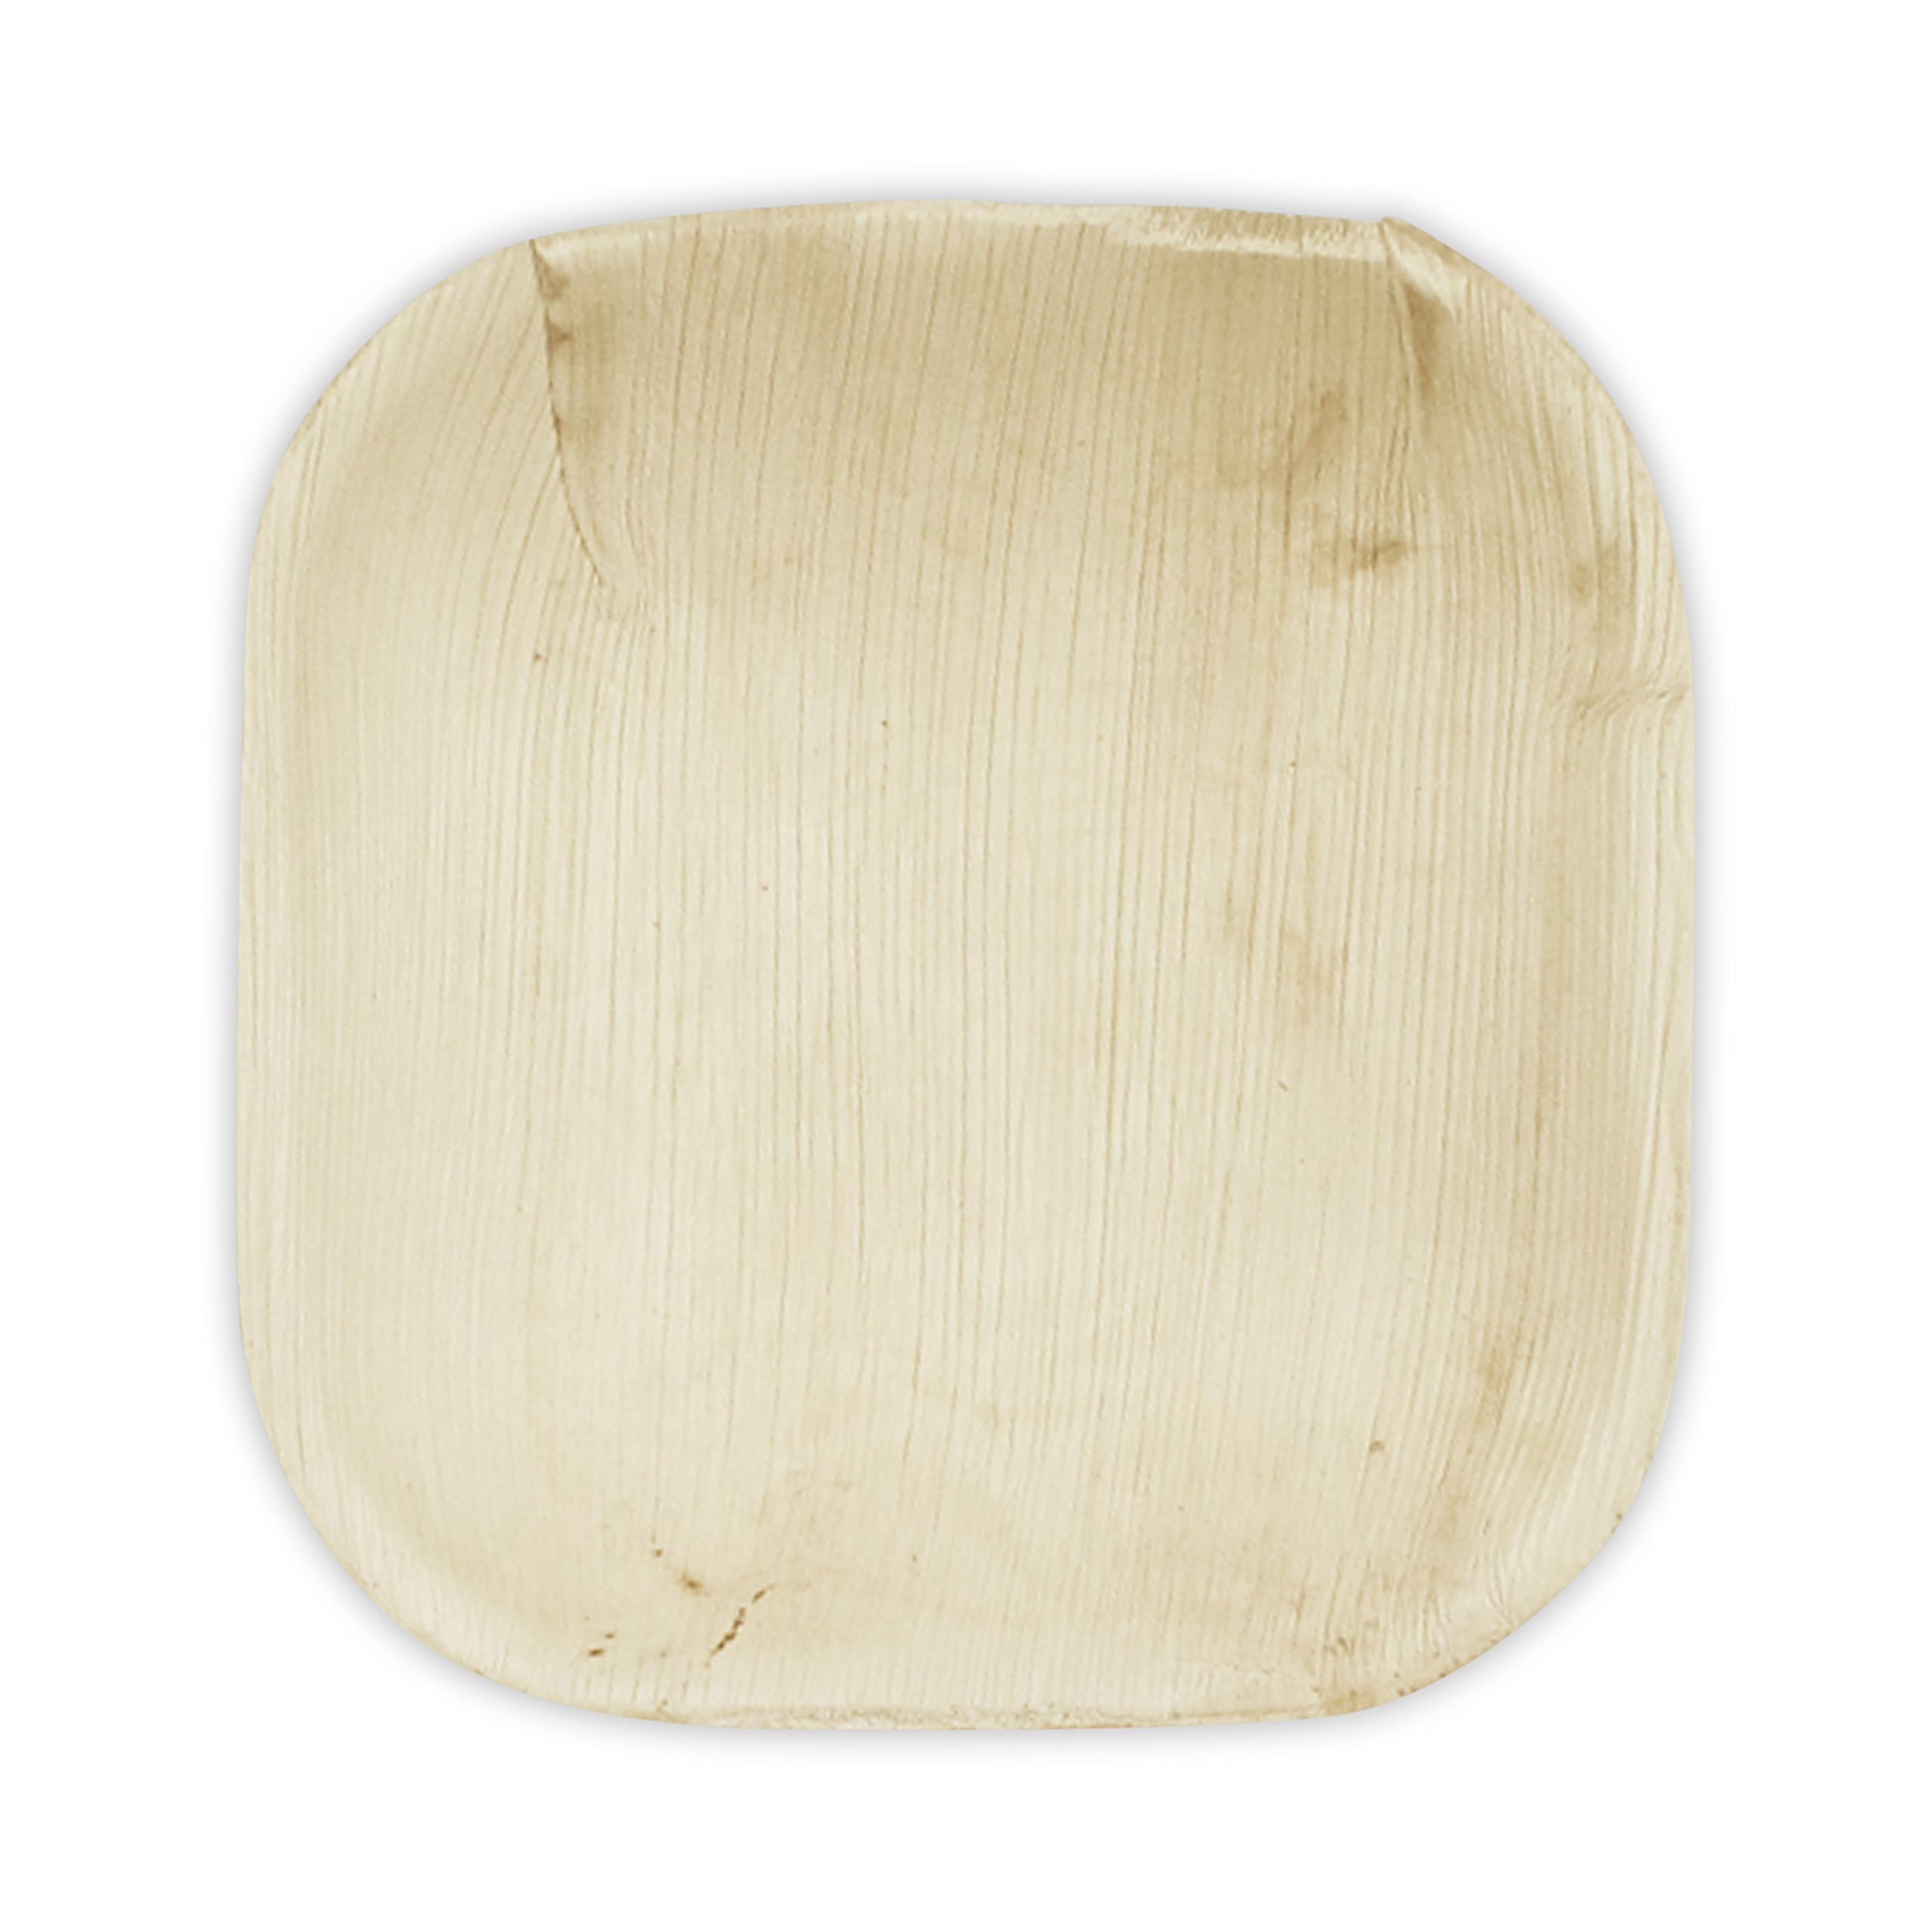 Verterra Compostable Dinnerware- 4'' Square Tasting Plate (600-pack), 600, Natural